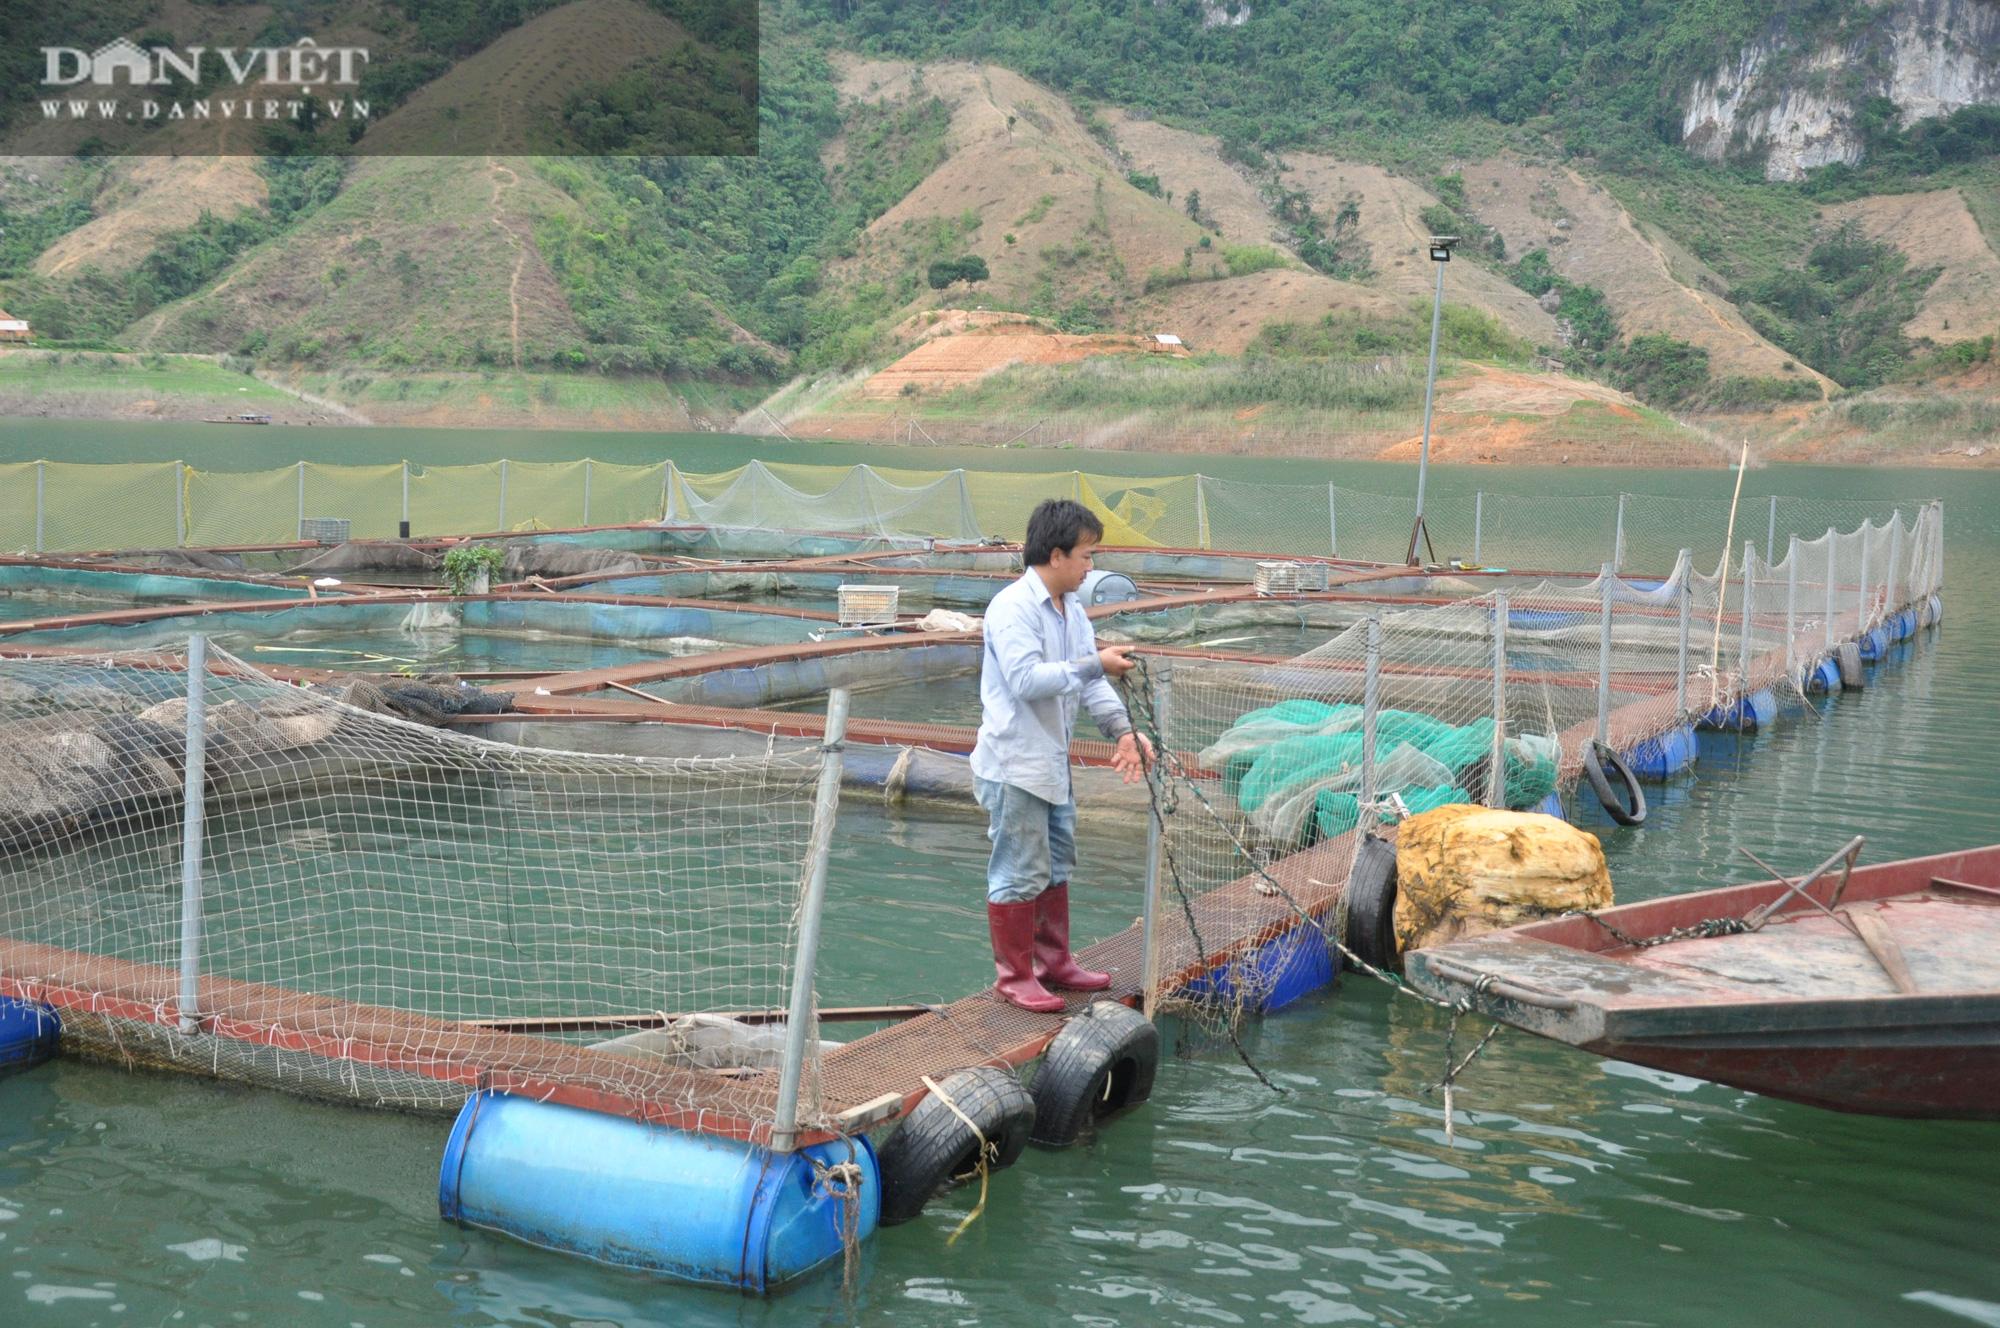 """Nơi nông dân biết """"ép"""" sông nhả ngọc, thuần phục loài cá đặc sản thu chục tỷ đồng/năm - Ảnh 3."""